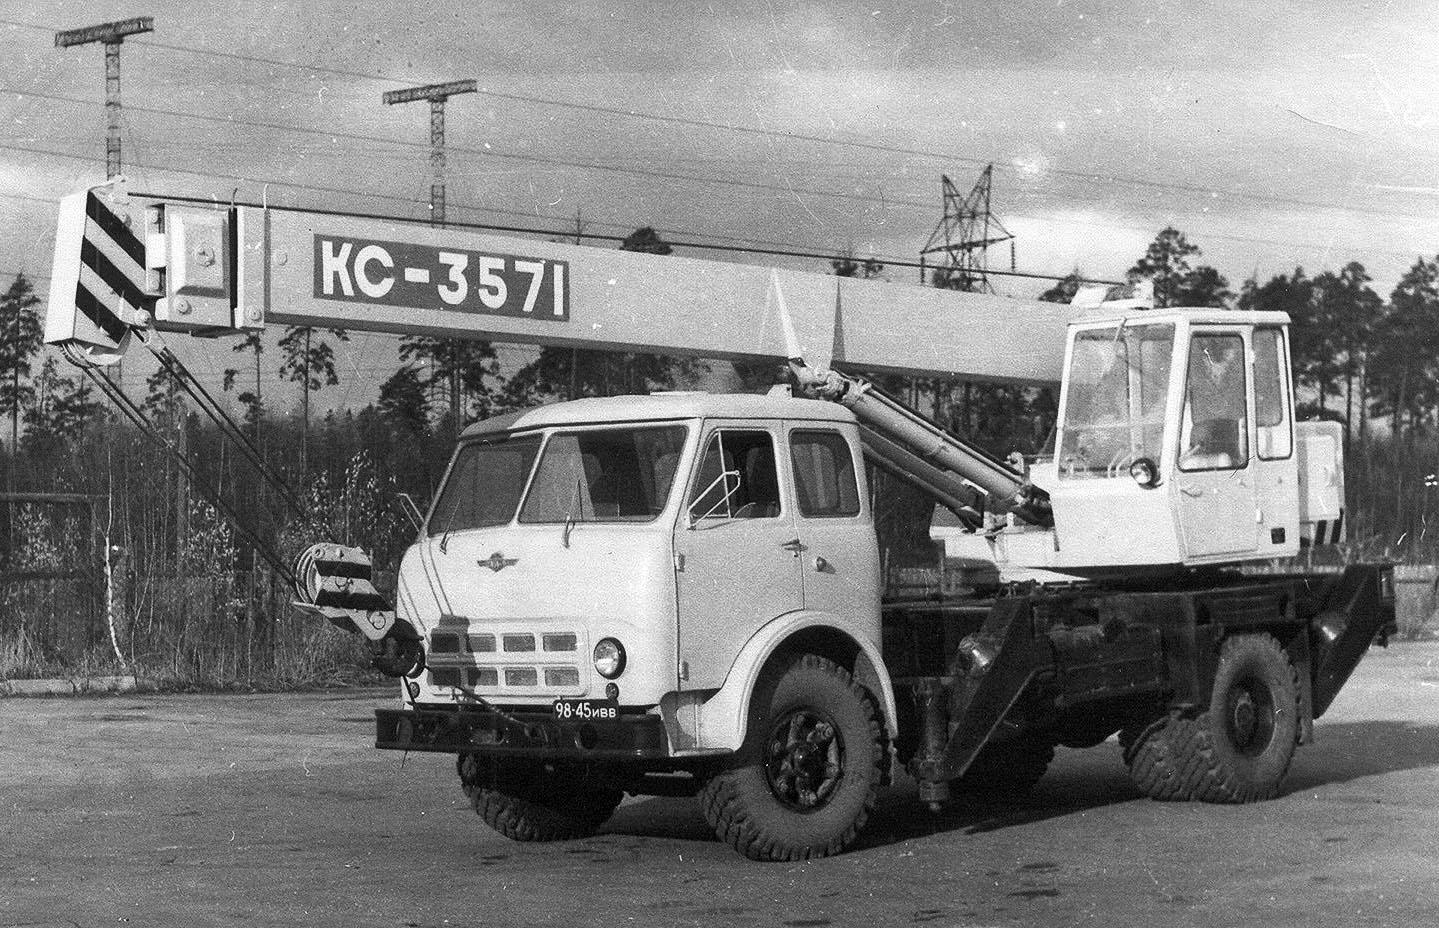 Автокран kc-3571